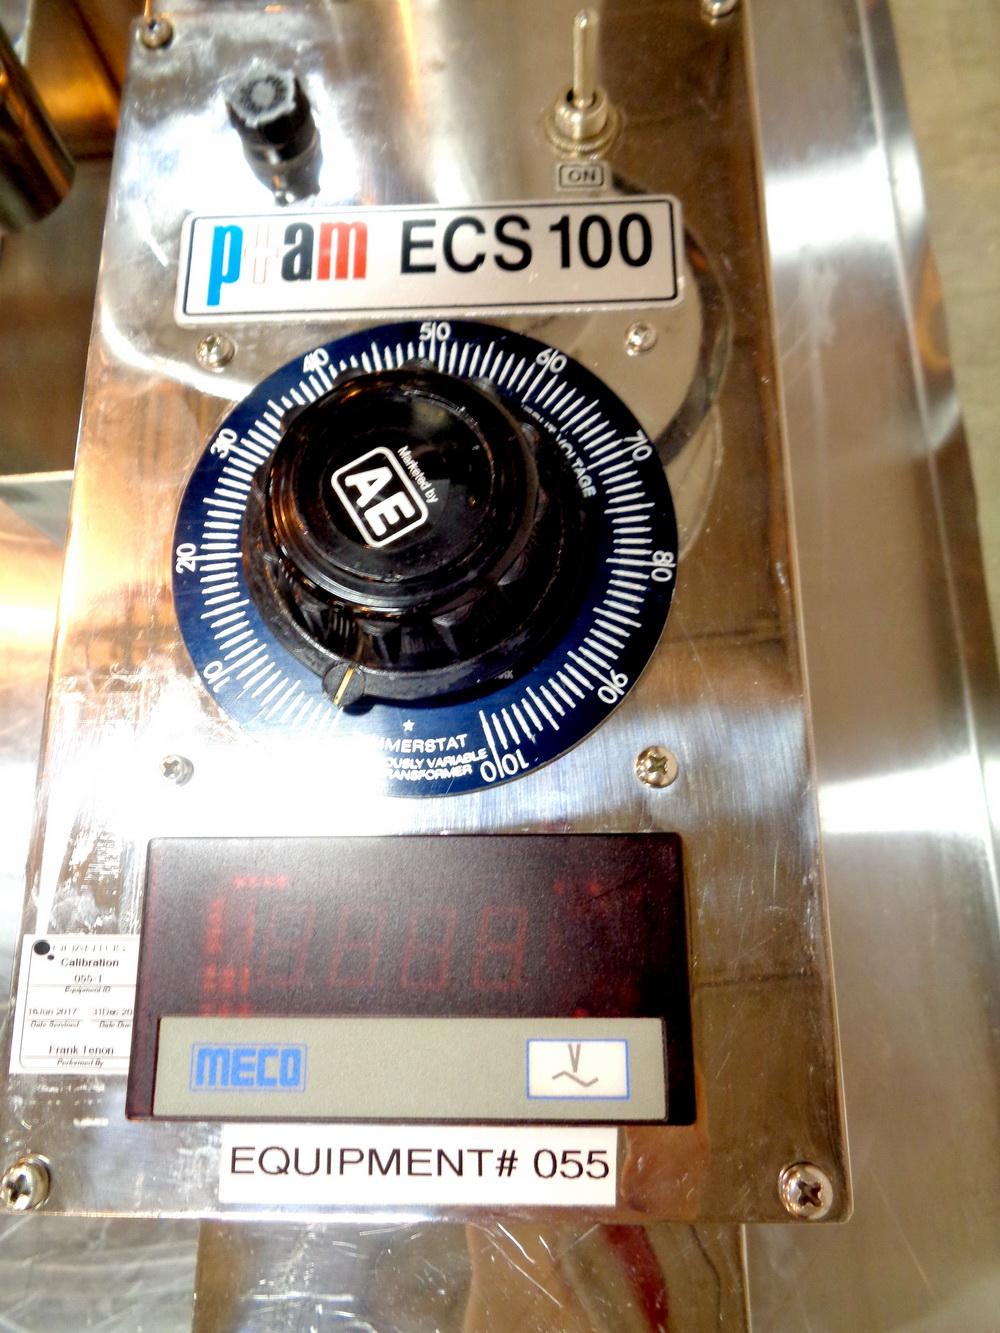 Lot 52 - ACG PAM Empty Capsule Sorter, Model ECS-100, Stainless Steel, S/N 1230